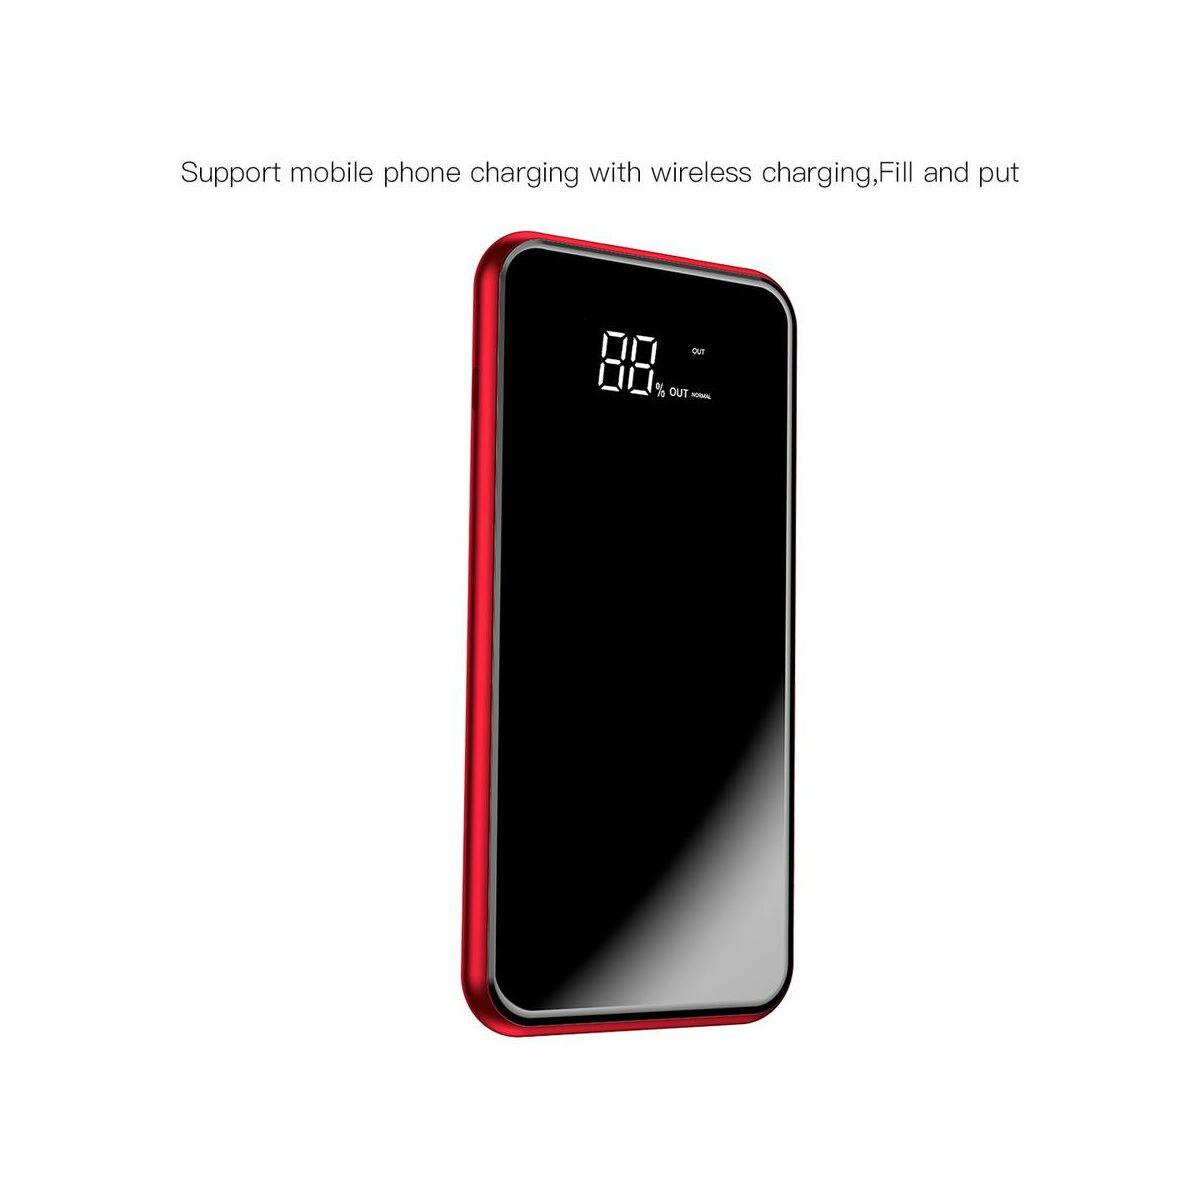 Baseus Power Bank vezeték nélküli töltés Full screen (Micro USB bemenet / dupla USB kimenet), 2A, 8.000 mAh, piros (PPALL-EX09)